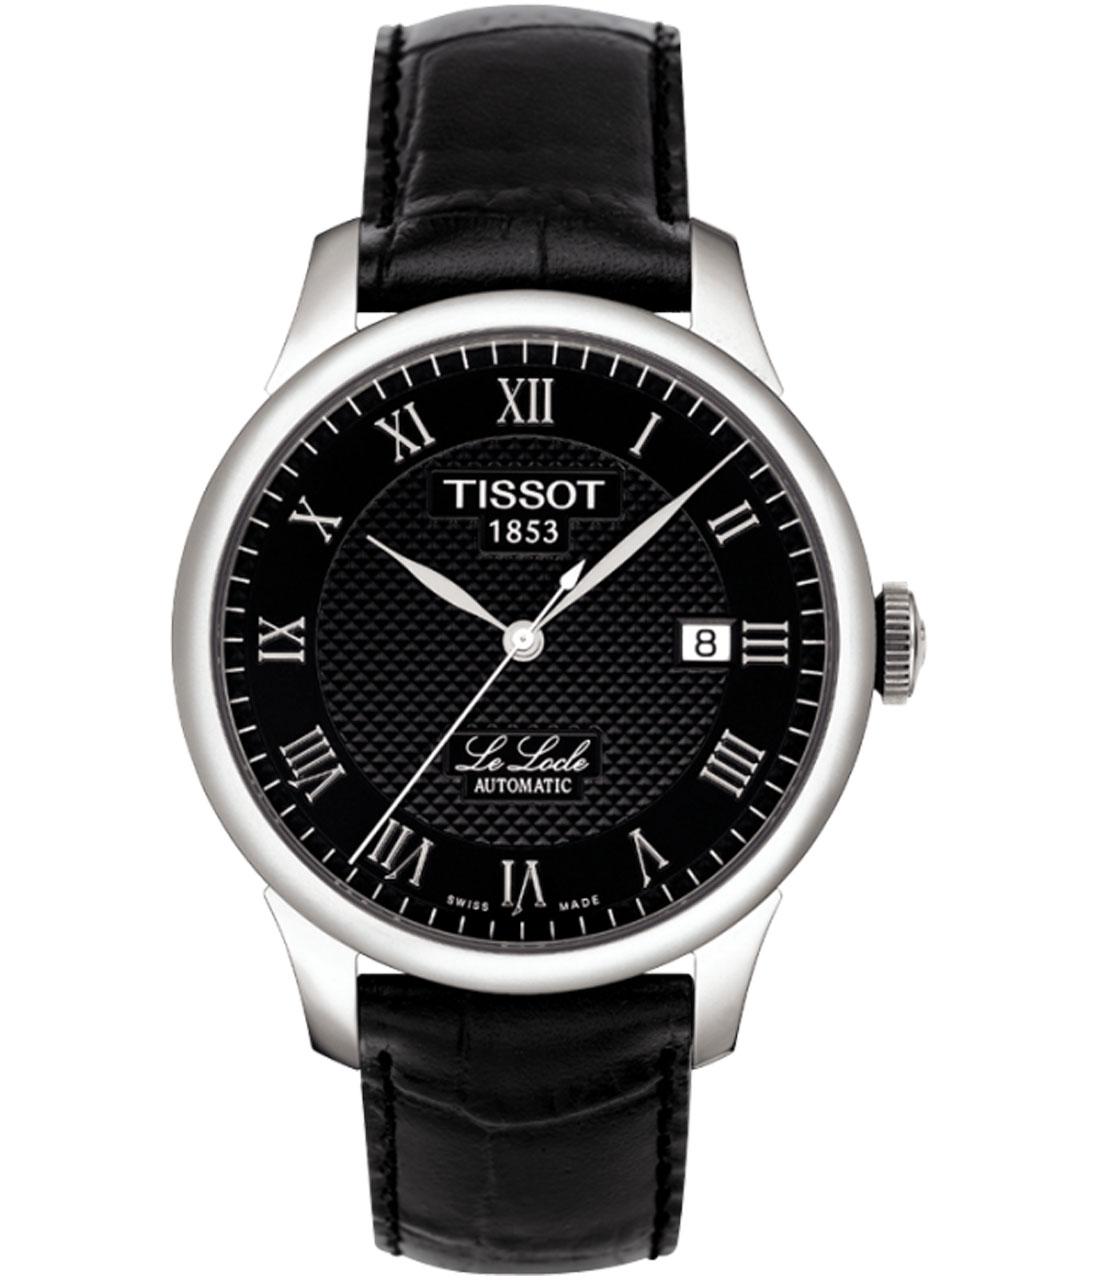 什么手表用eta 机芯?天梭力洛克机芯机械腕表推荐